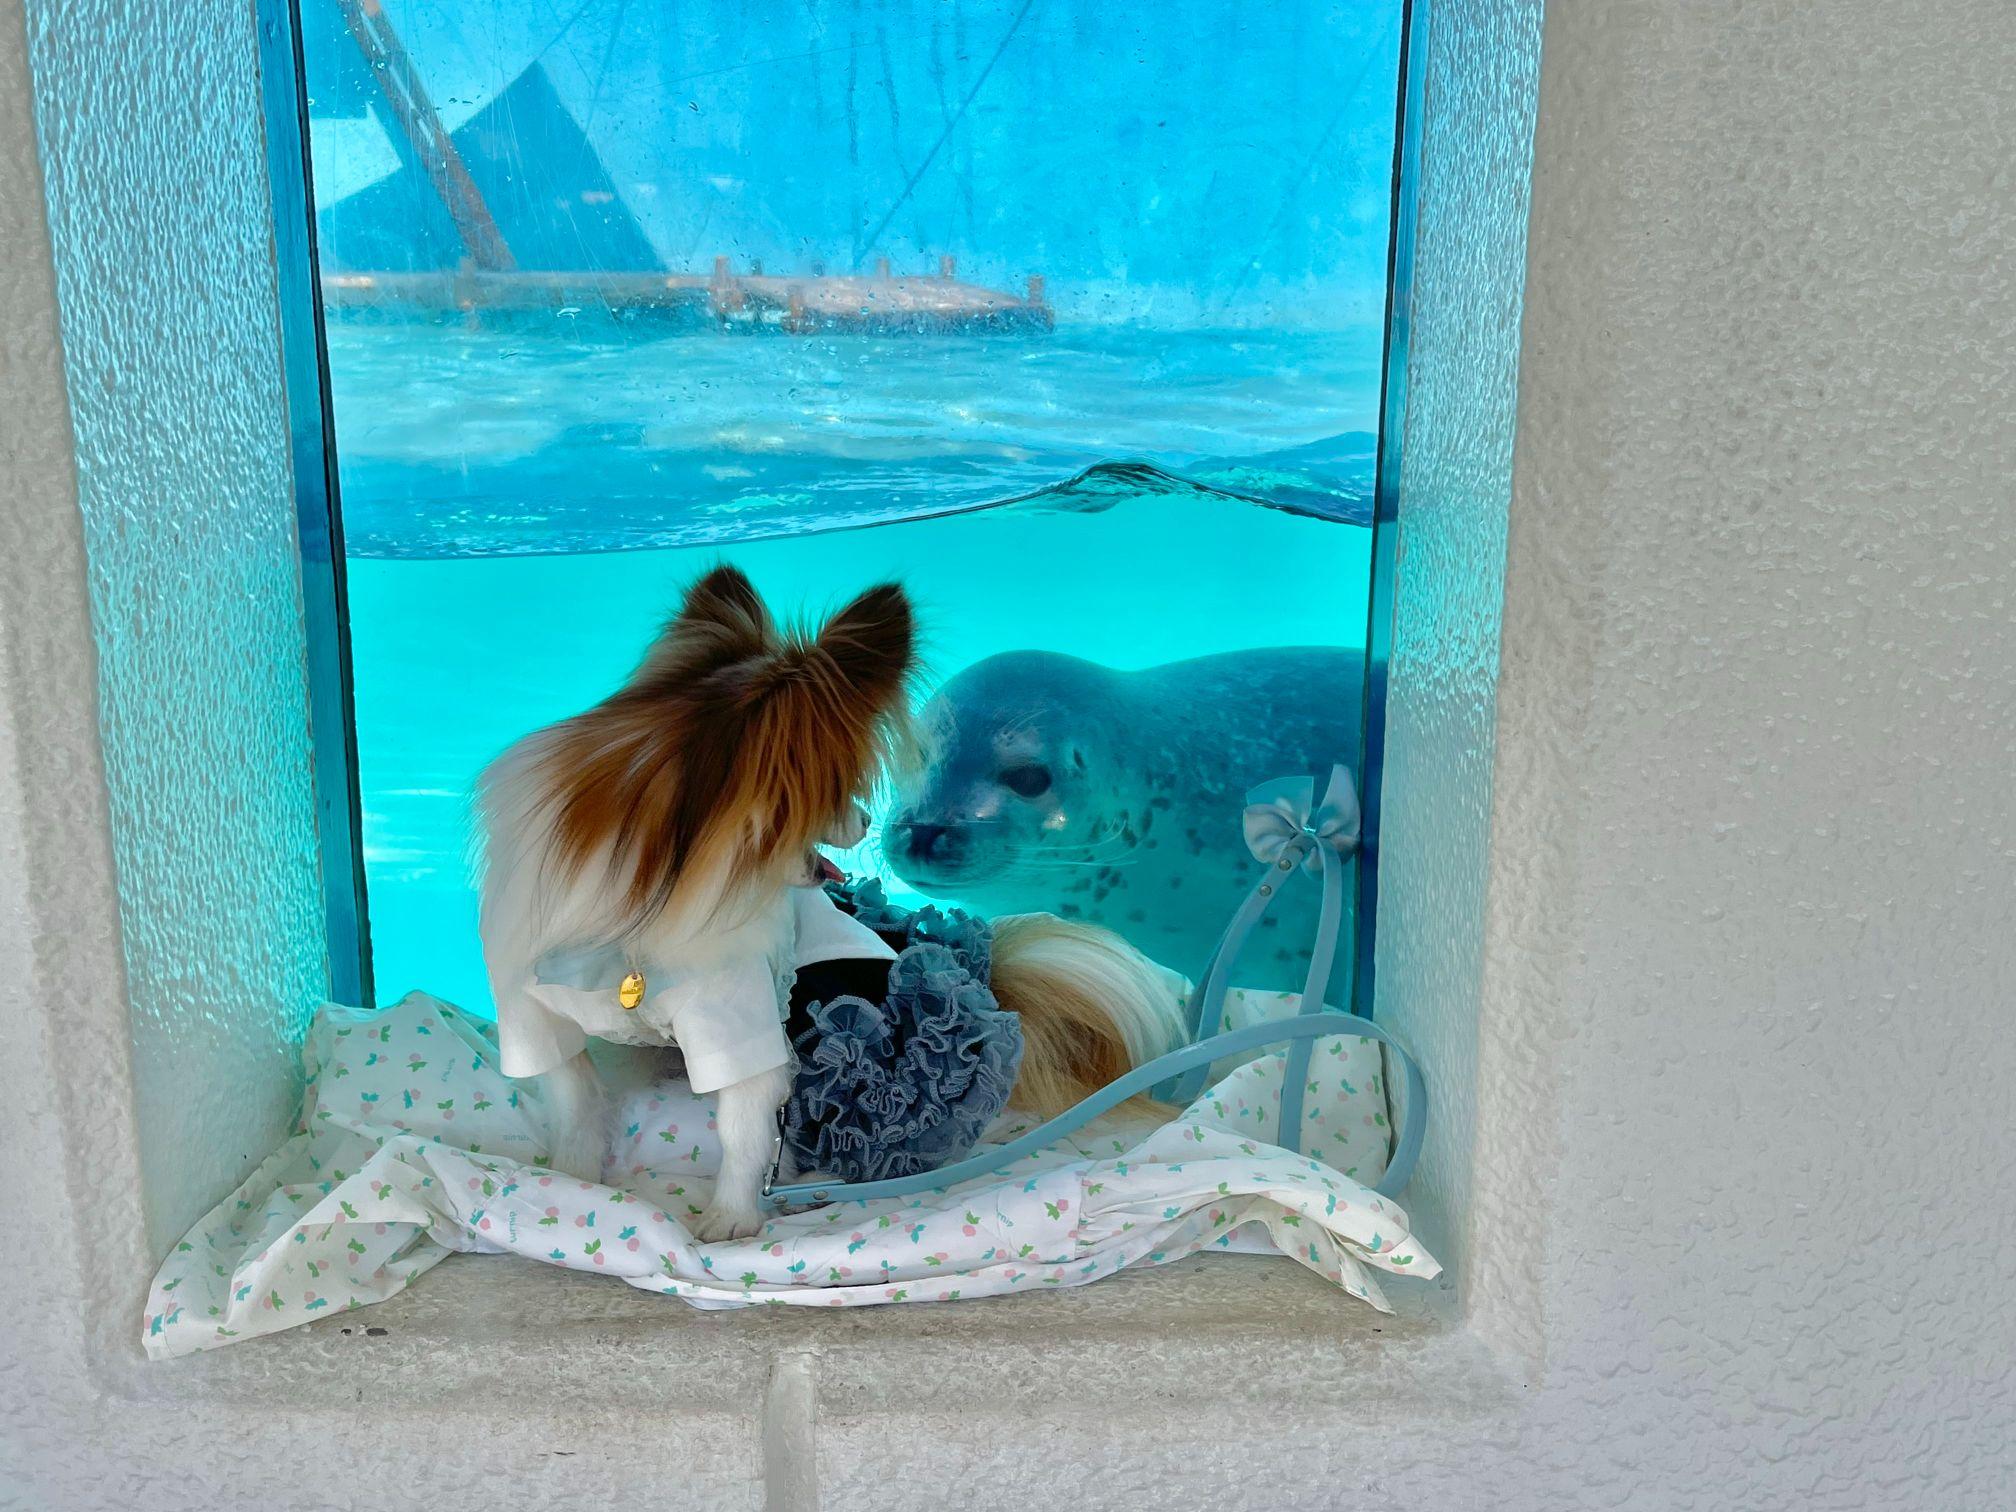 犬同伴できる水族館 油壺マリンパーク 閉館